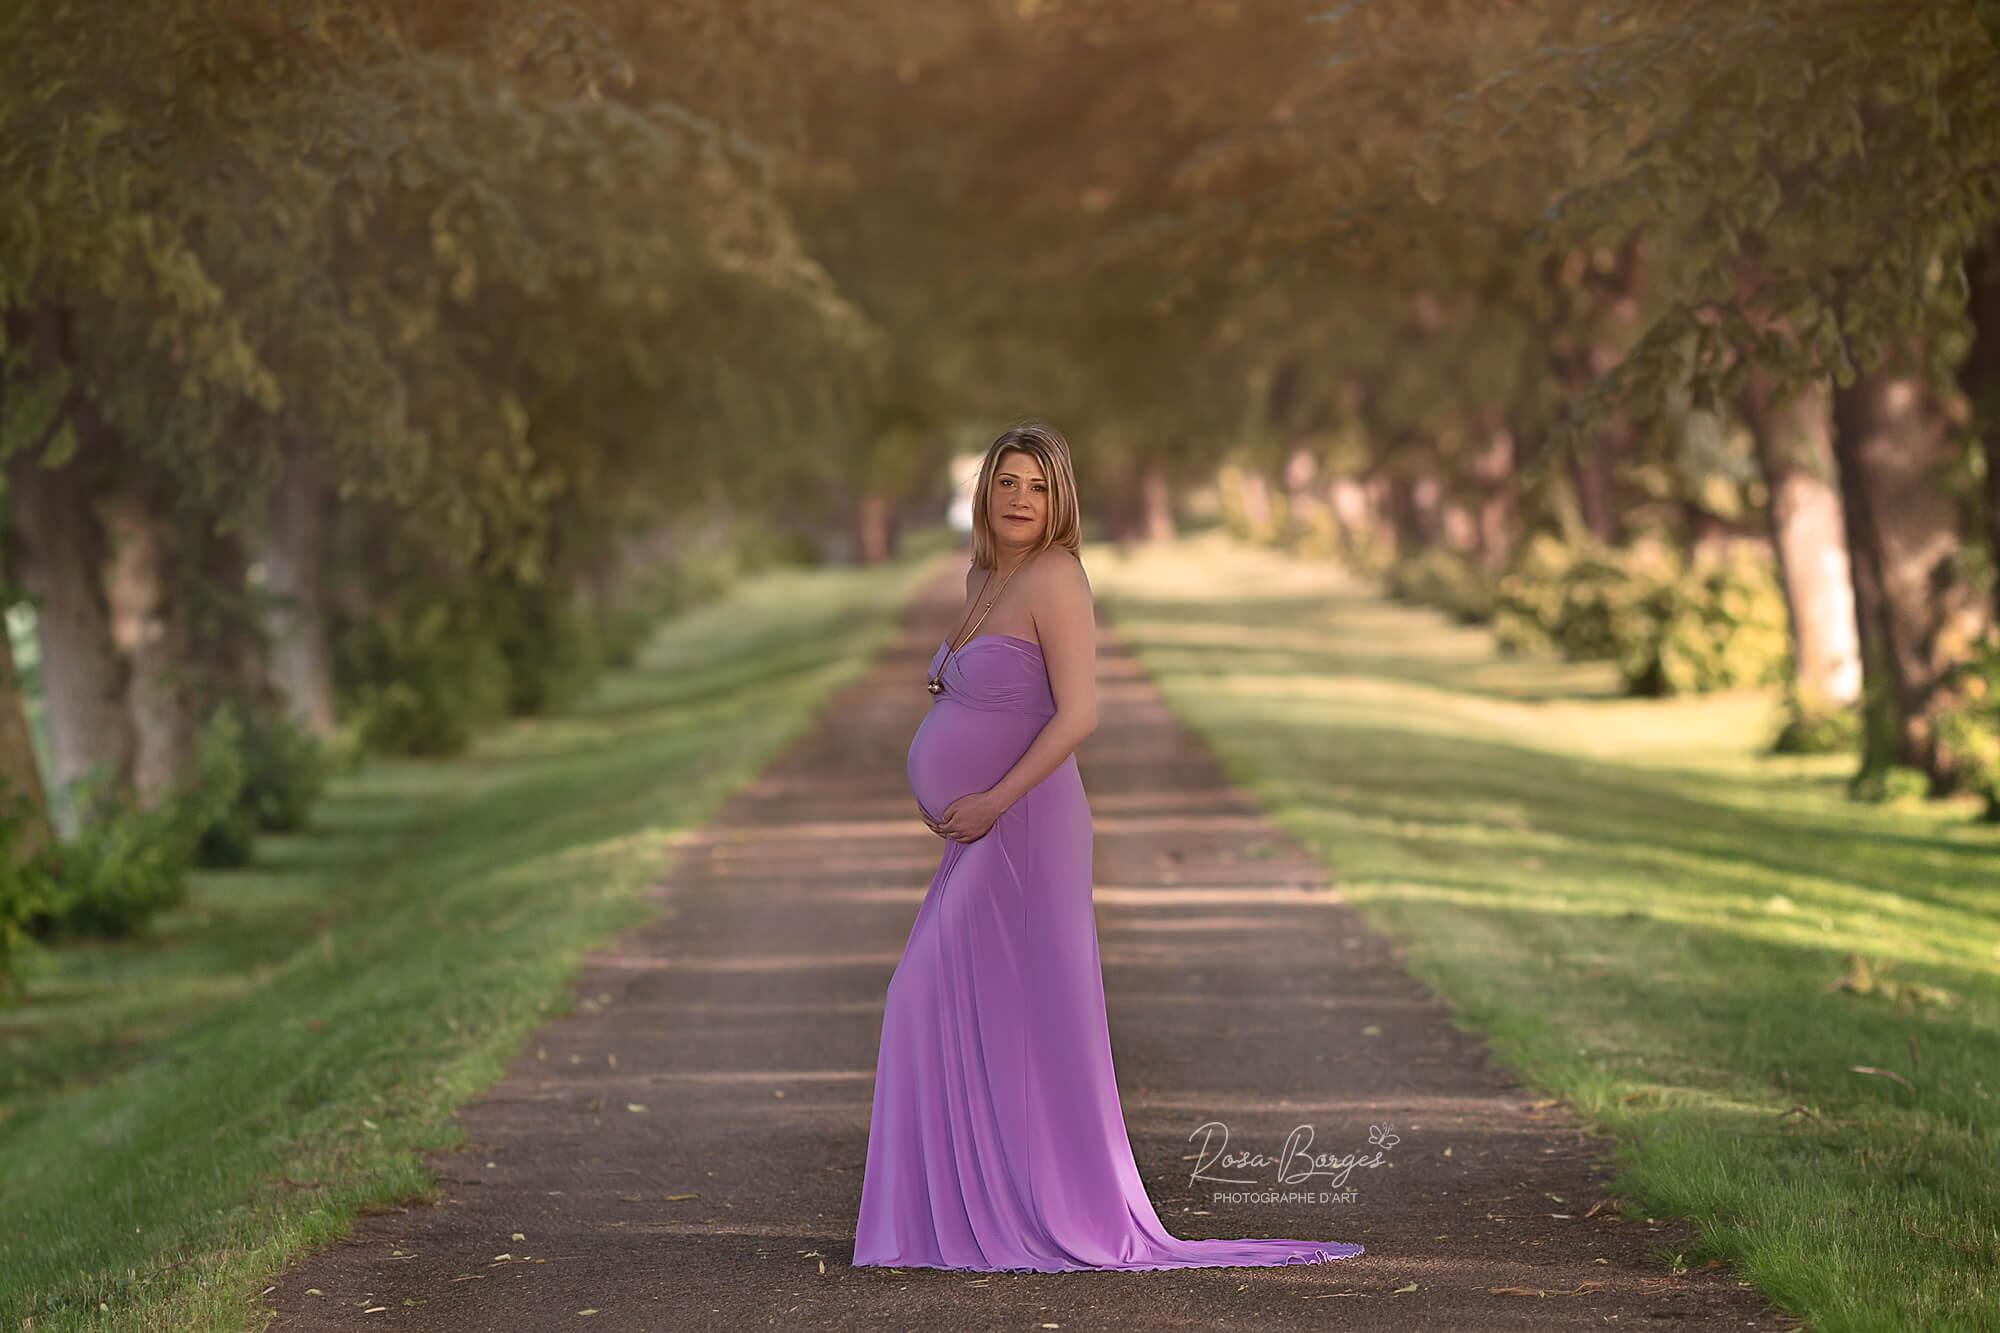 photo grossesse, femme enceinte - photographe grossesse Troyes 20